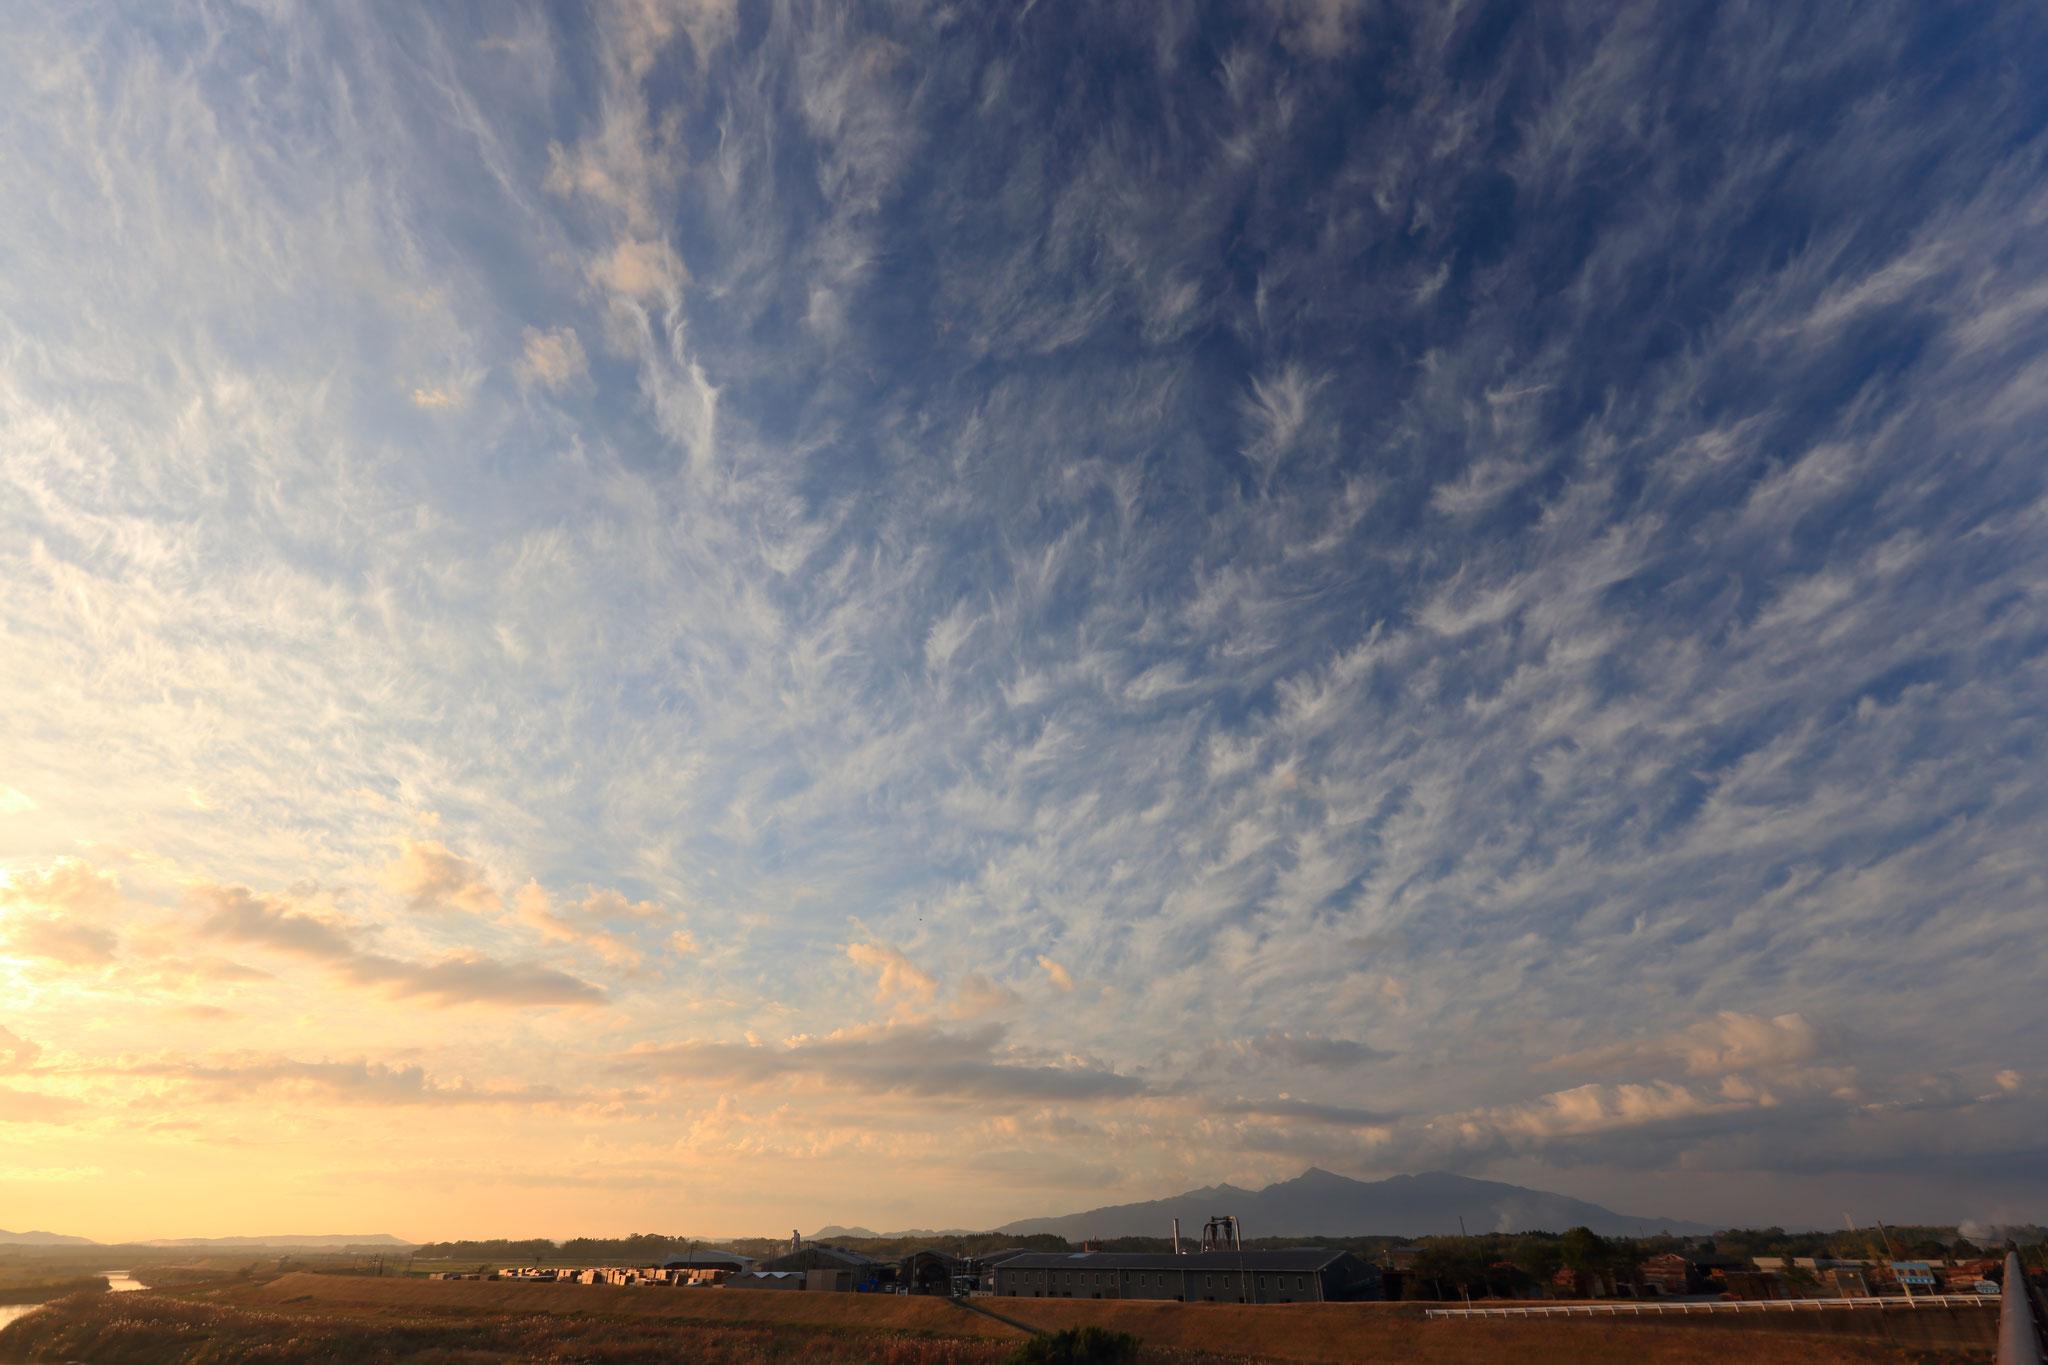 会社上空に沢山の綿毛のような雲